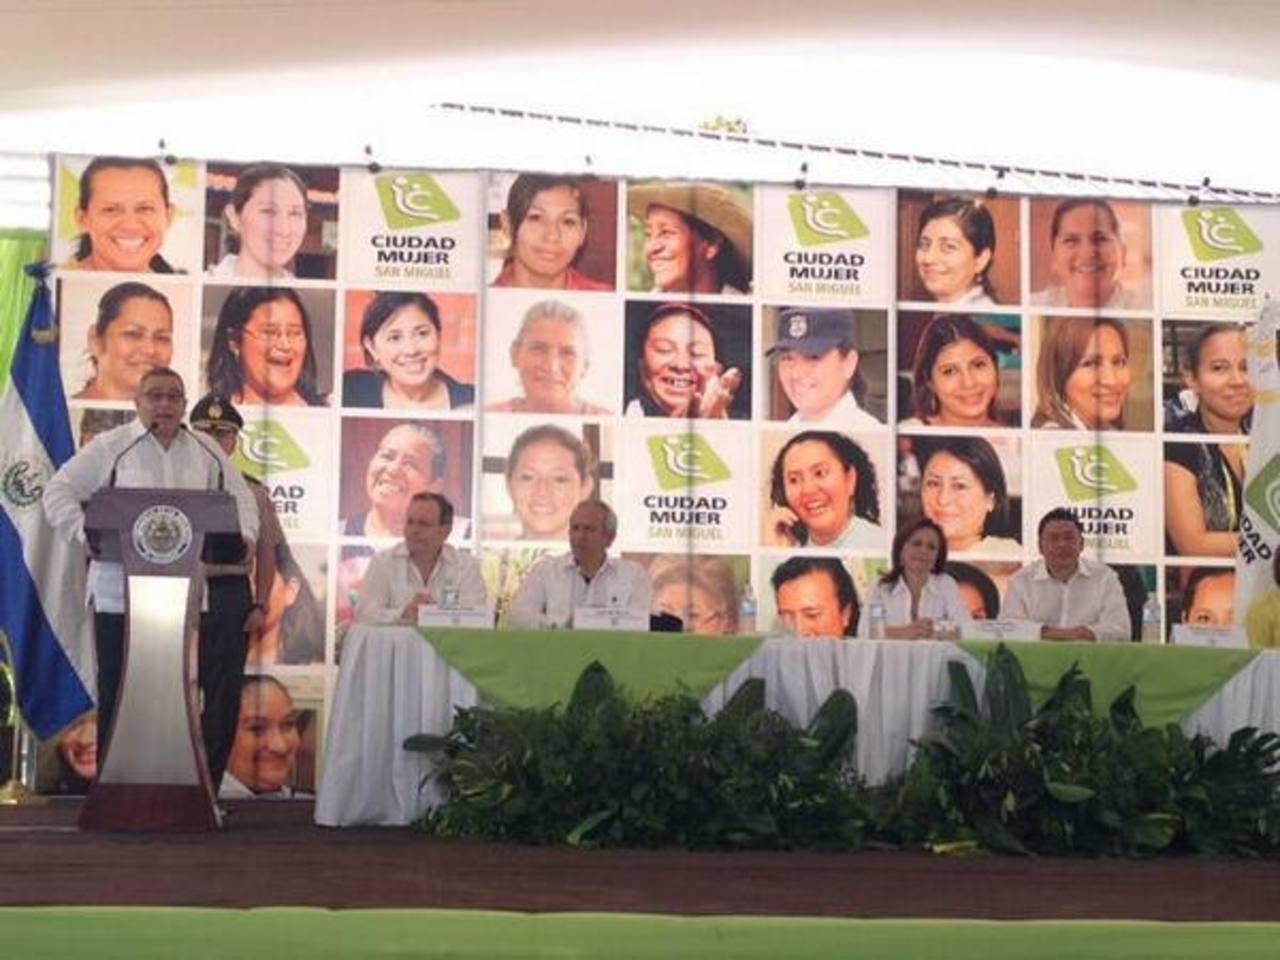 El Gobierno inauguró la quinta sede del programa Ciudad Mujer en San Miguel. Foto @SecInclusionSV